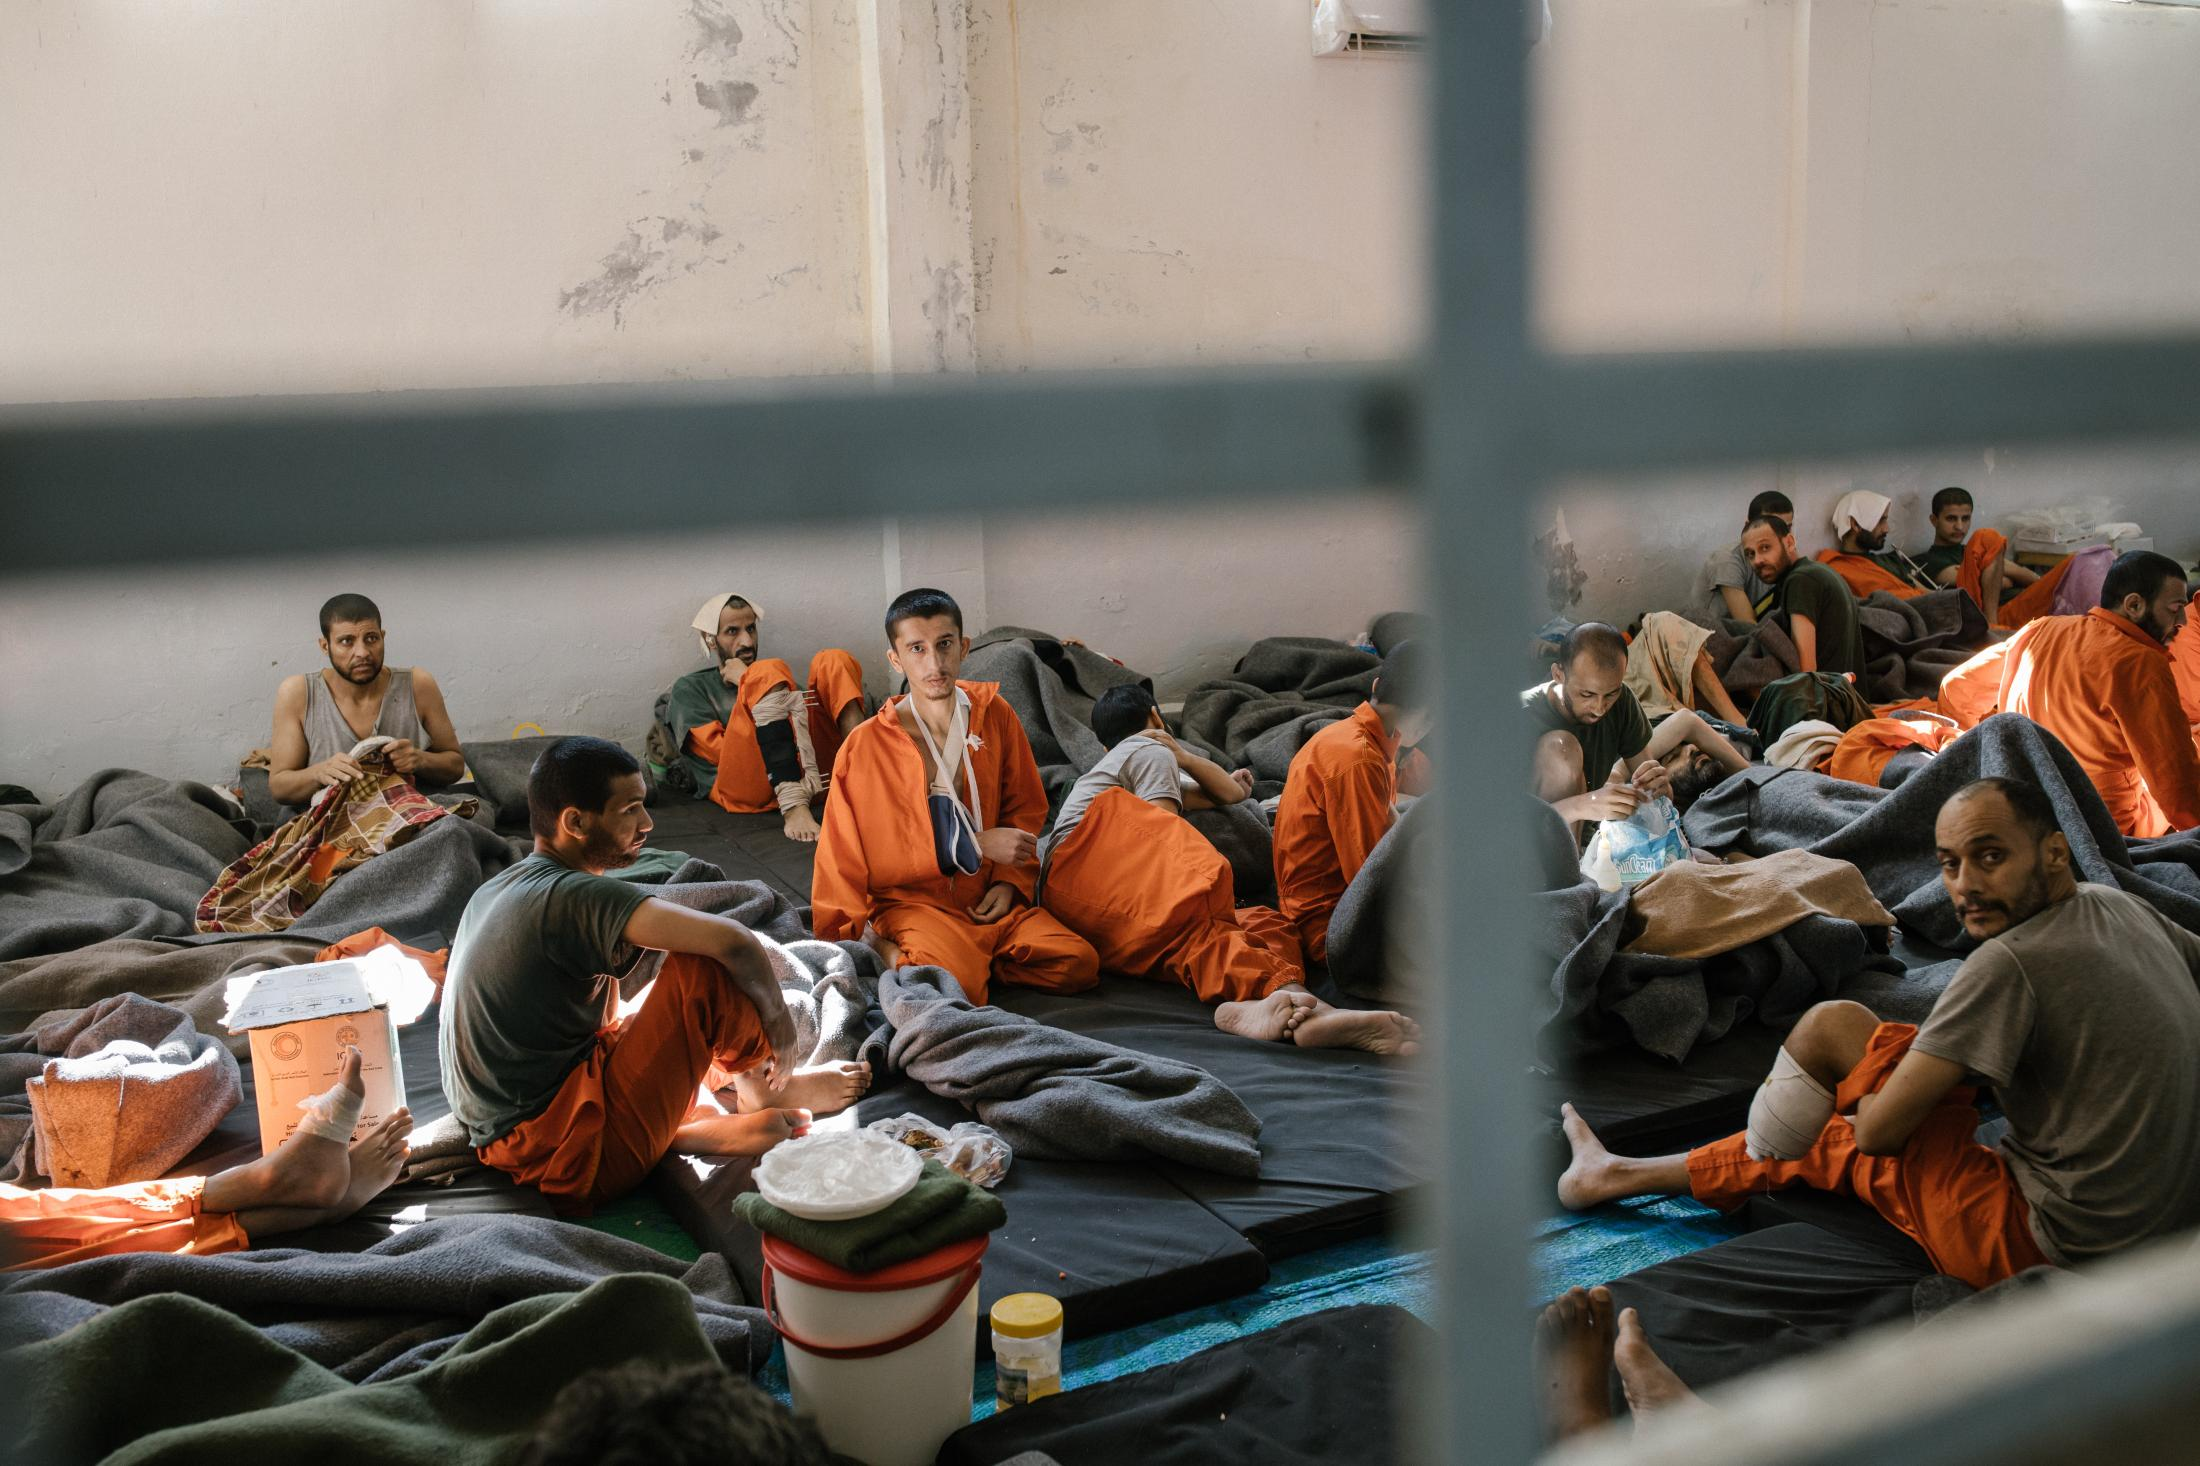 Le 30 octobre 2019, Nord Est de la Syrie. Une prison abrite des supposés membres de Daesh. Environ 5000 détenus vivraient ici. La prison est ouverte depuis 4mois. Elle est surpeuplée. Cette immense pièce sert d'hopital. Les blessés et les malades vivent ici. Les plus chanceux ont un lit, les autres dorment par terre, comme ici.